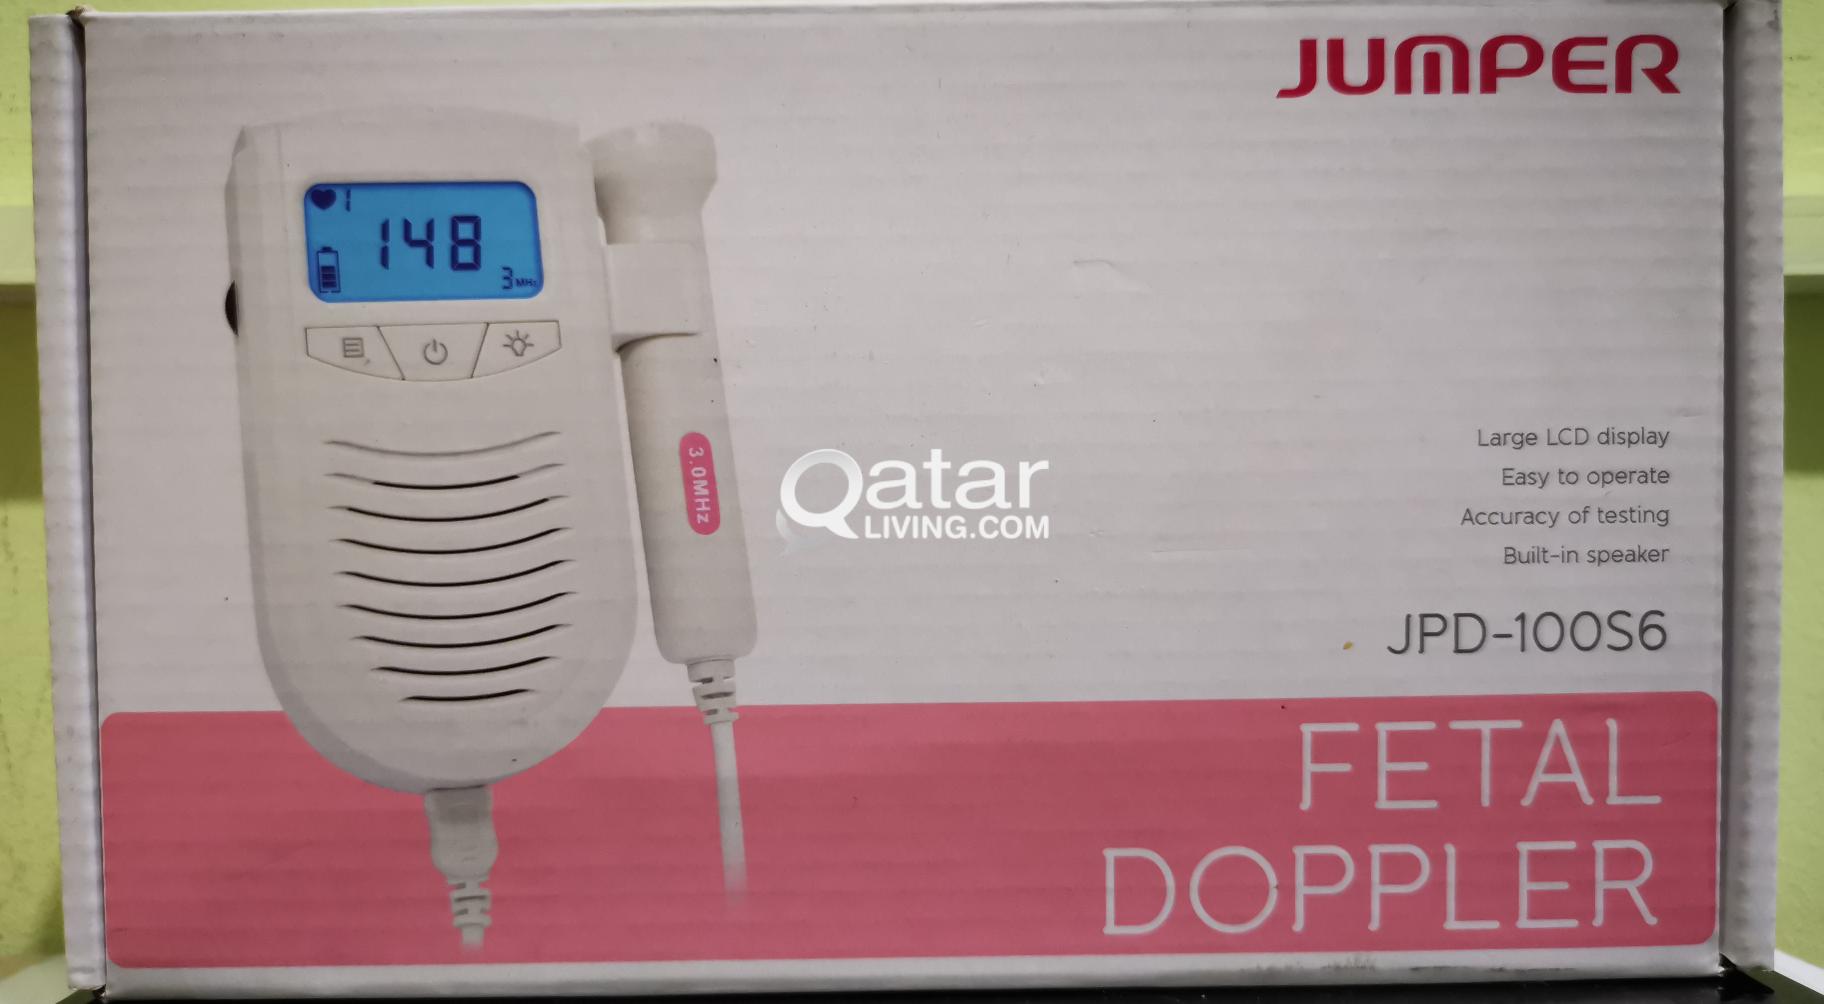 JUMPER FETAL DOPPLER | Qatar Living